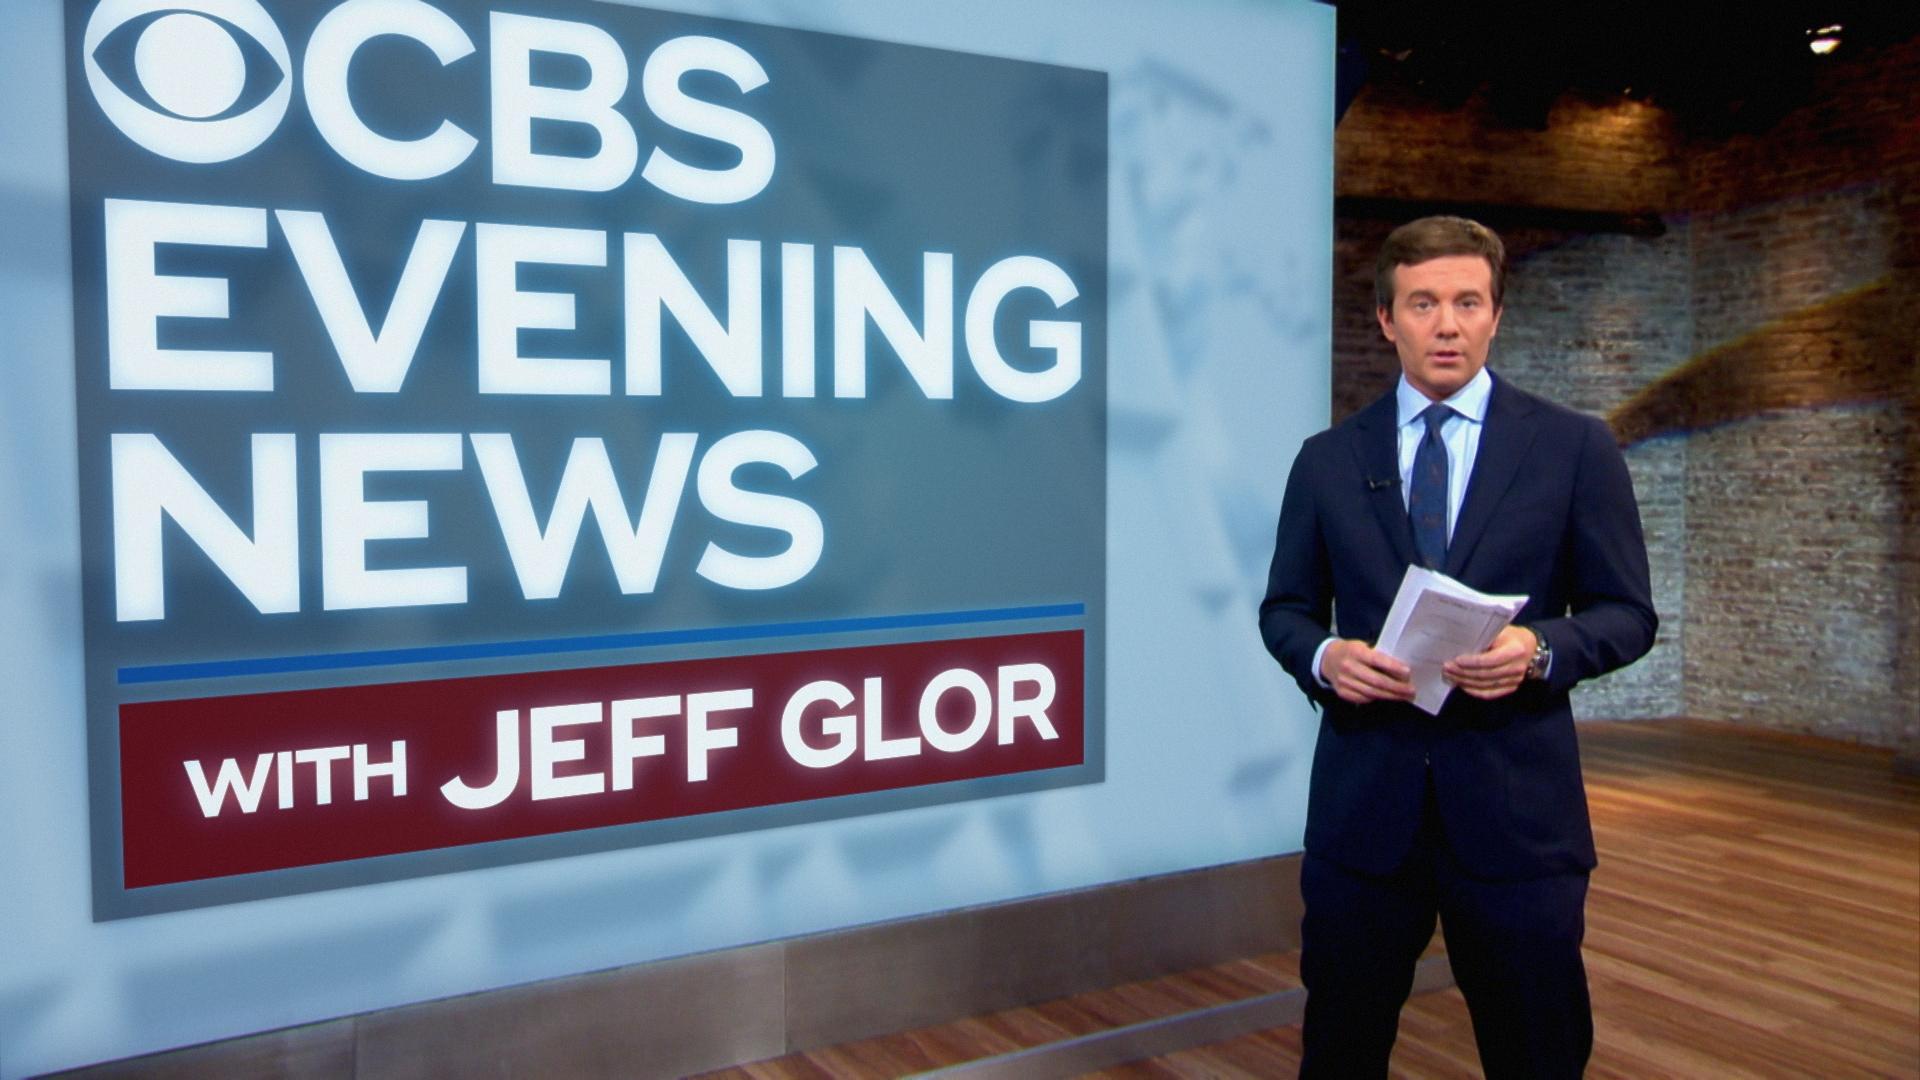 """News News: """"CBS Evening News With Jeff Glor"""" Begins December 4"""